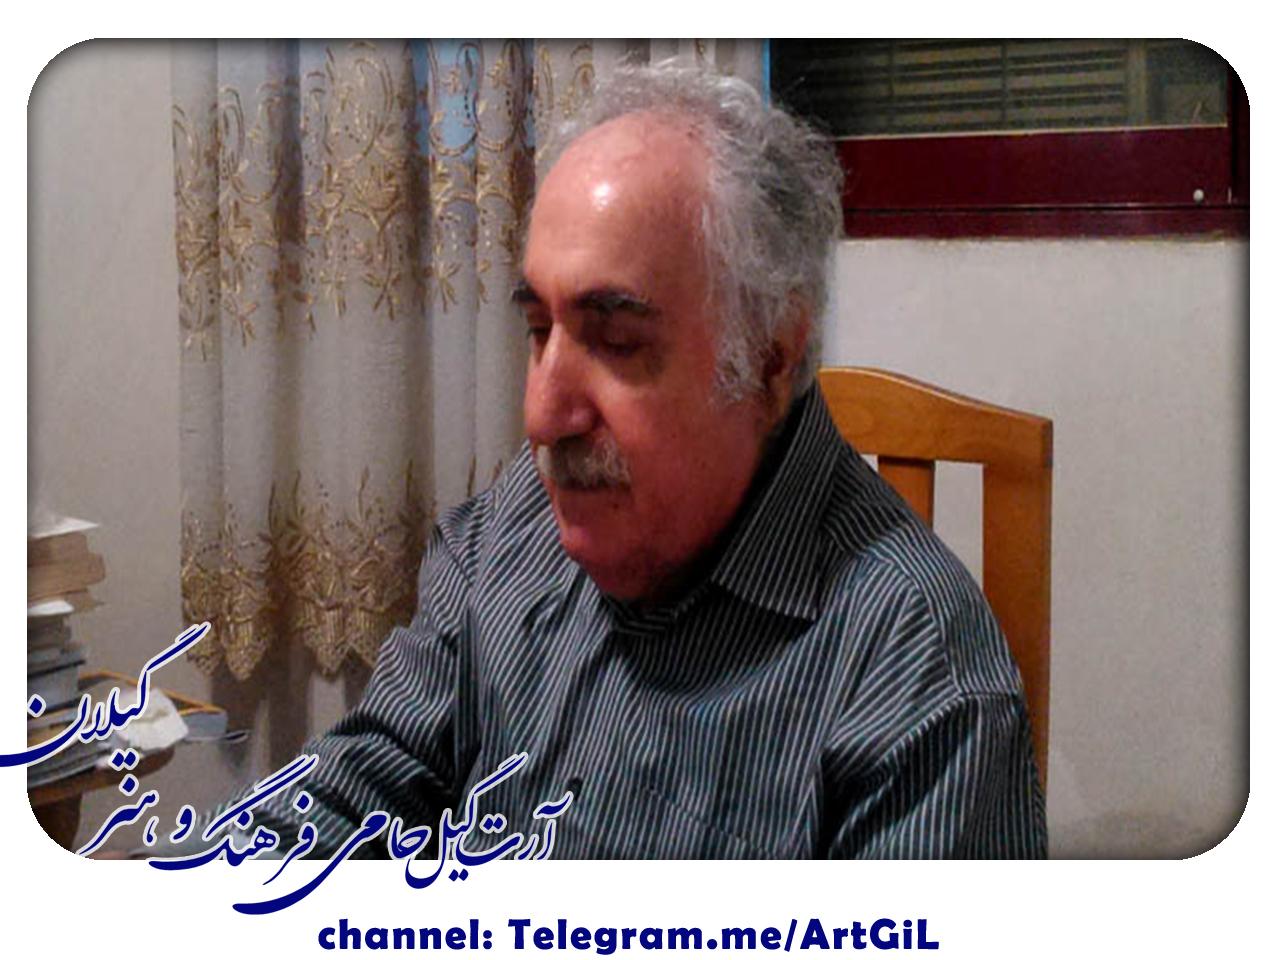 بیوگرافی سیّد عبدالعلی موسوی شاعر گیلانی